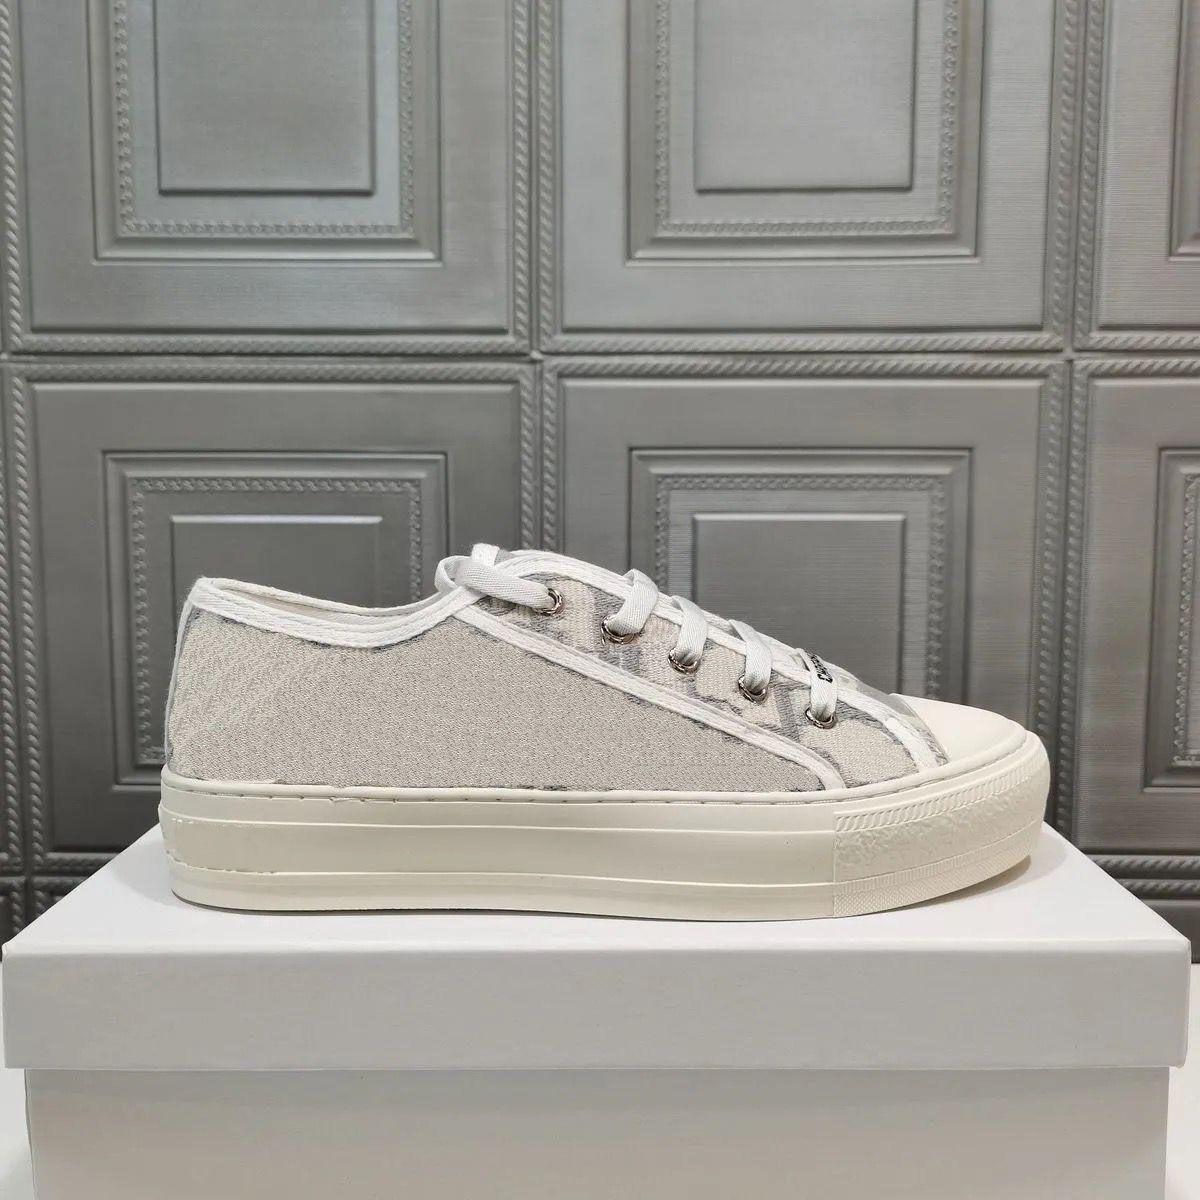 Luxurys Designers Mulheres Sapato Espadrilles Andando Sneakers Impressão Plataforma Sapatos Grils Bordado Lona Flats Sneaker com caixa